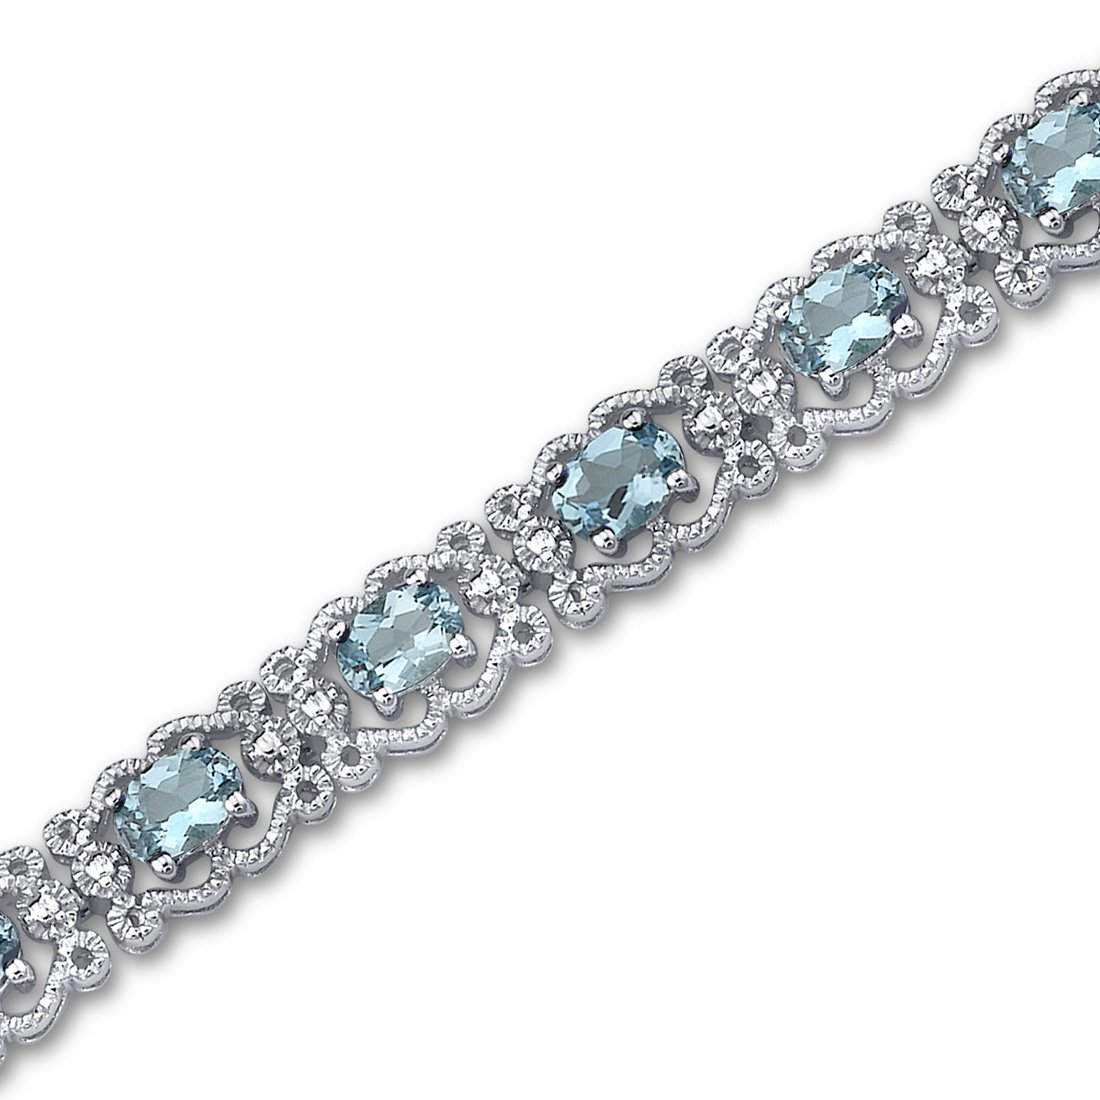 Swiss Blue Topaz Bracelet Sterling Silver 8.50 Carats Vintage Design by Peora (Image #1)